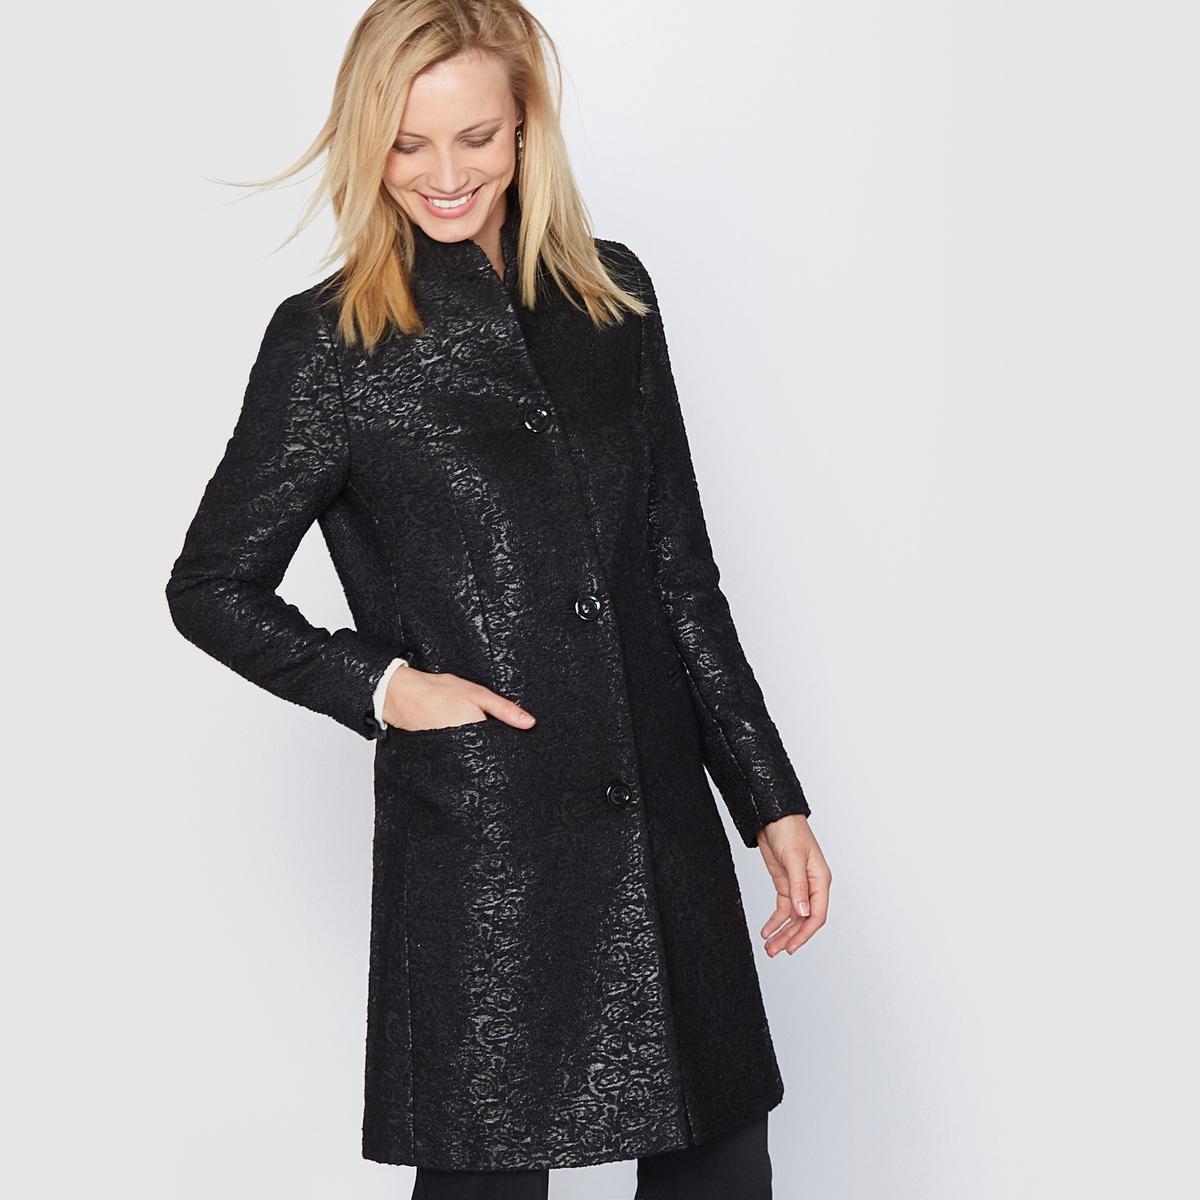 Пальто прямое жаккардовоеПрямое жаккардовое пальто. Красивая жаккардовая вязка. Небольшой воротник-стойка. Красивый прямой покрой. Швы спереди и сзади. Застёжка спереди на 3 пуговицы. 2 передних кармана.                   Состав и описание:          Материал: жаккардовая ткань  44% полиамида, 36% акрила,  20% хлопка.           Подкладка:  100% полиэстер.         Длина: 90 см.          Марка: Anne  Weyburn.               Уход:         - Сухая чистка.         - Гладить при низкой температуре.<br><br>Цвет: черный<br>Размер: 42 (FR) - 48 (RUS)